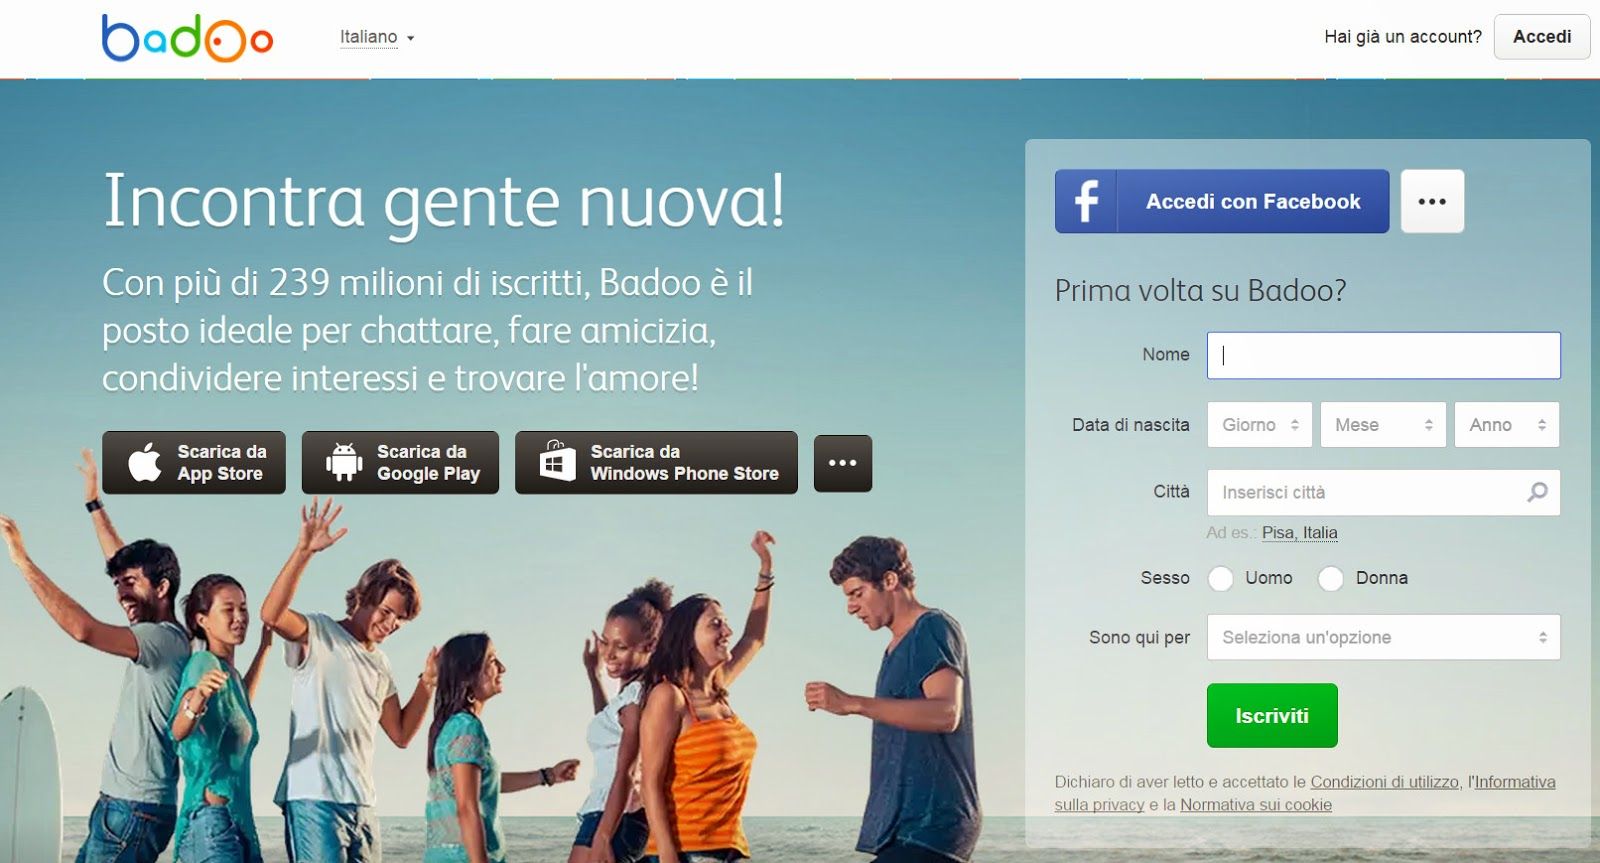 siti incontri migliori utilitarie Bologna